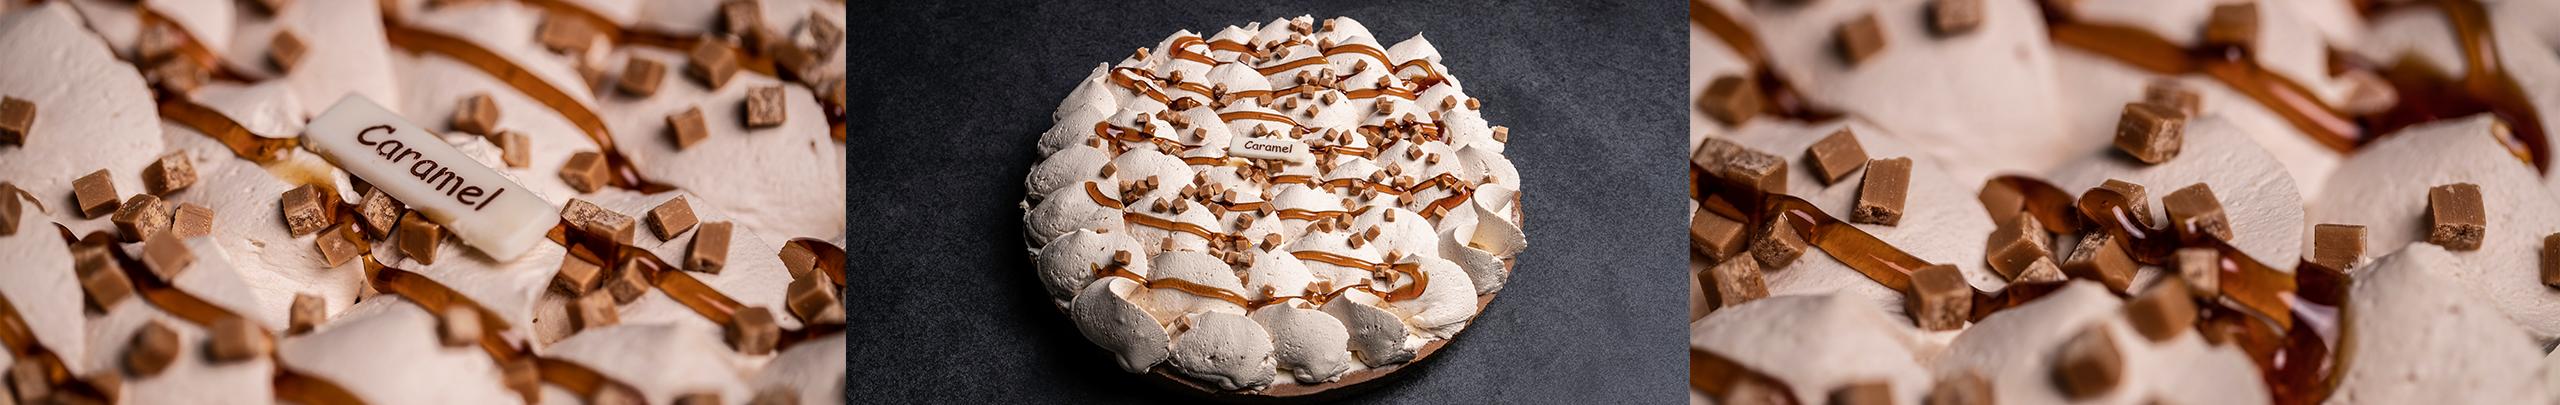 Lekker Boxmeer - vlaaien, taart, chocolade, koffie, ijs en lunch